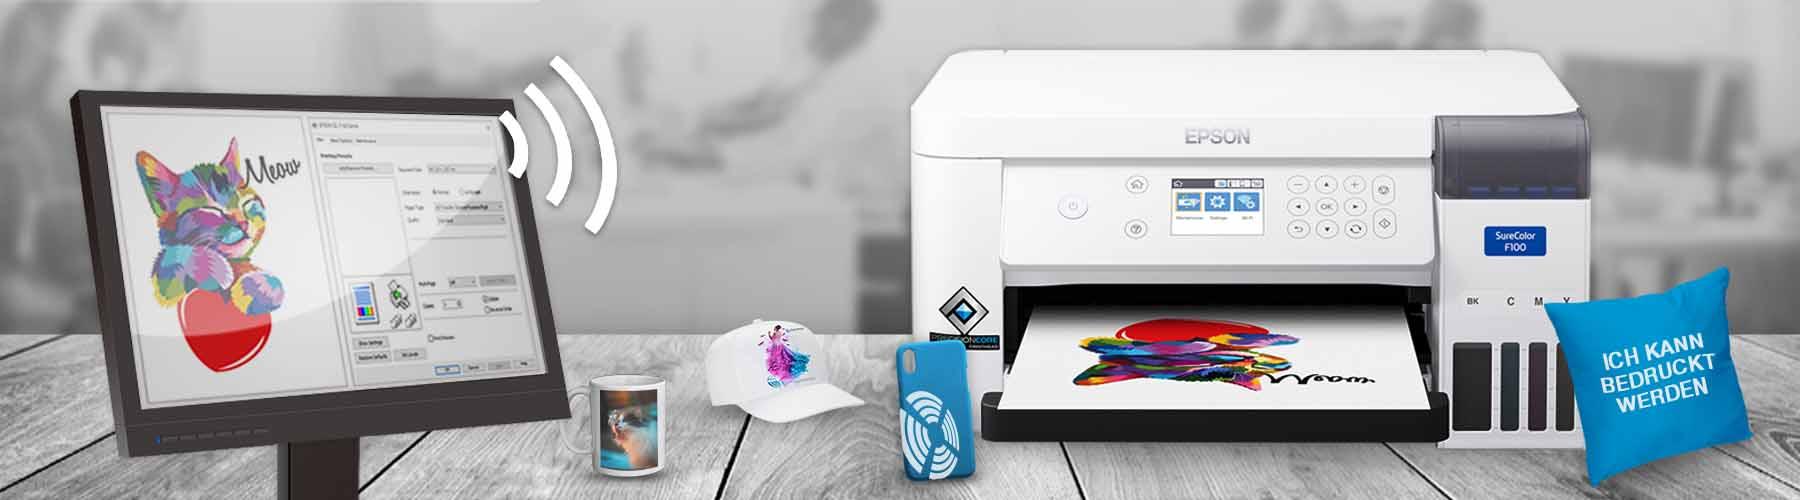 Mit dem Epson SC-F100 kleine Werbeartikel und personalisierte Geschenke wie Tassen, Mousepads, Smartphone-Hüllen und Schlüsselanhänger zu bedrucken.